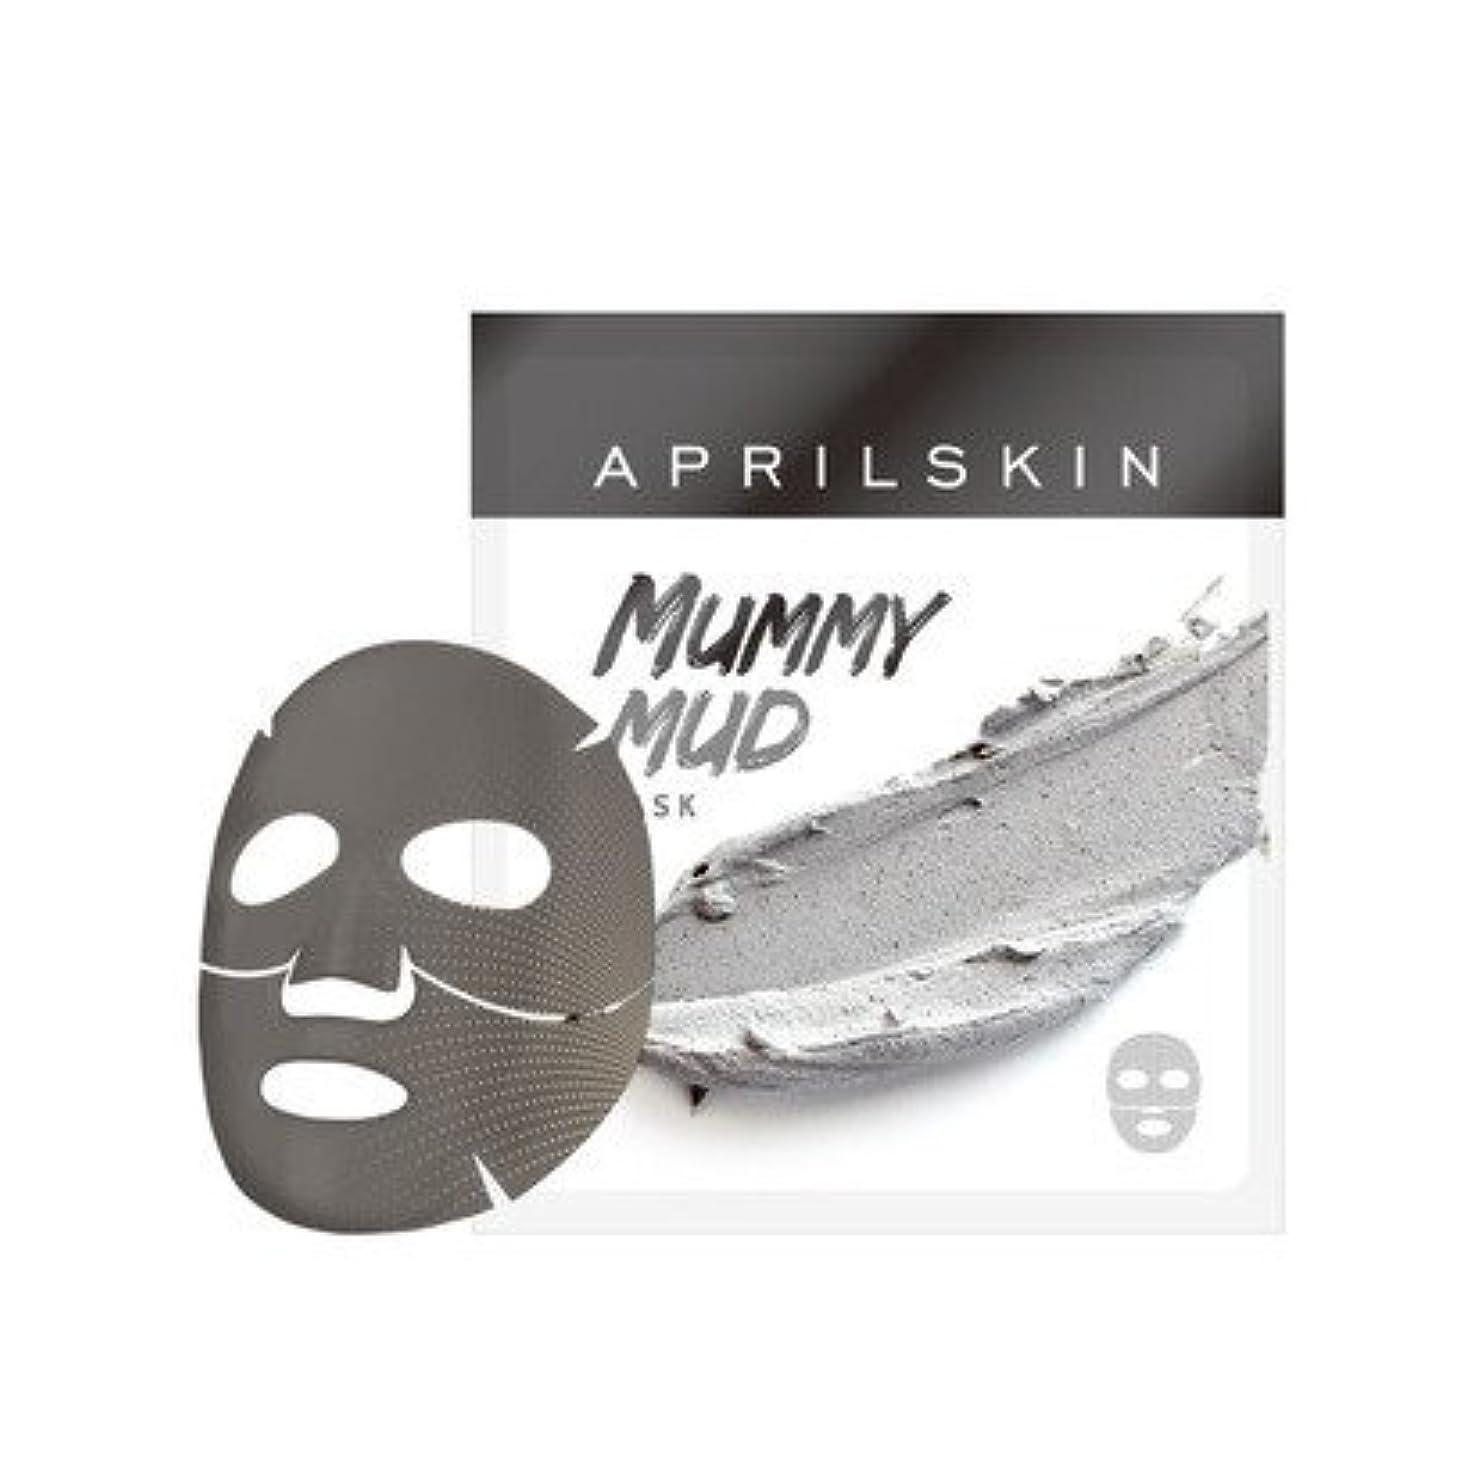 観察提供体系的にAPRILSKIN MUMMY MUD MASK/エイプリルスキン ミイラ泥マスク 1枚 [並行輸入品]